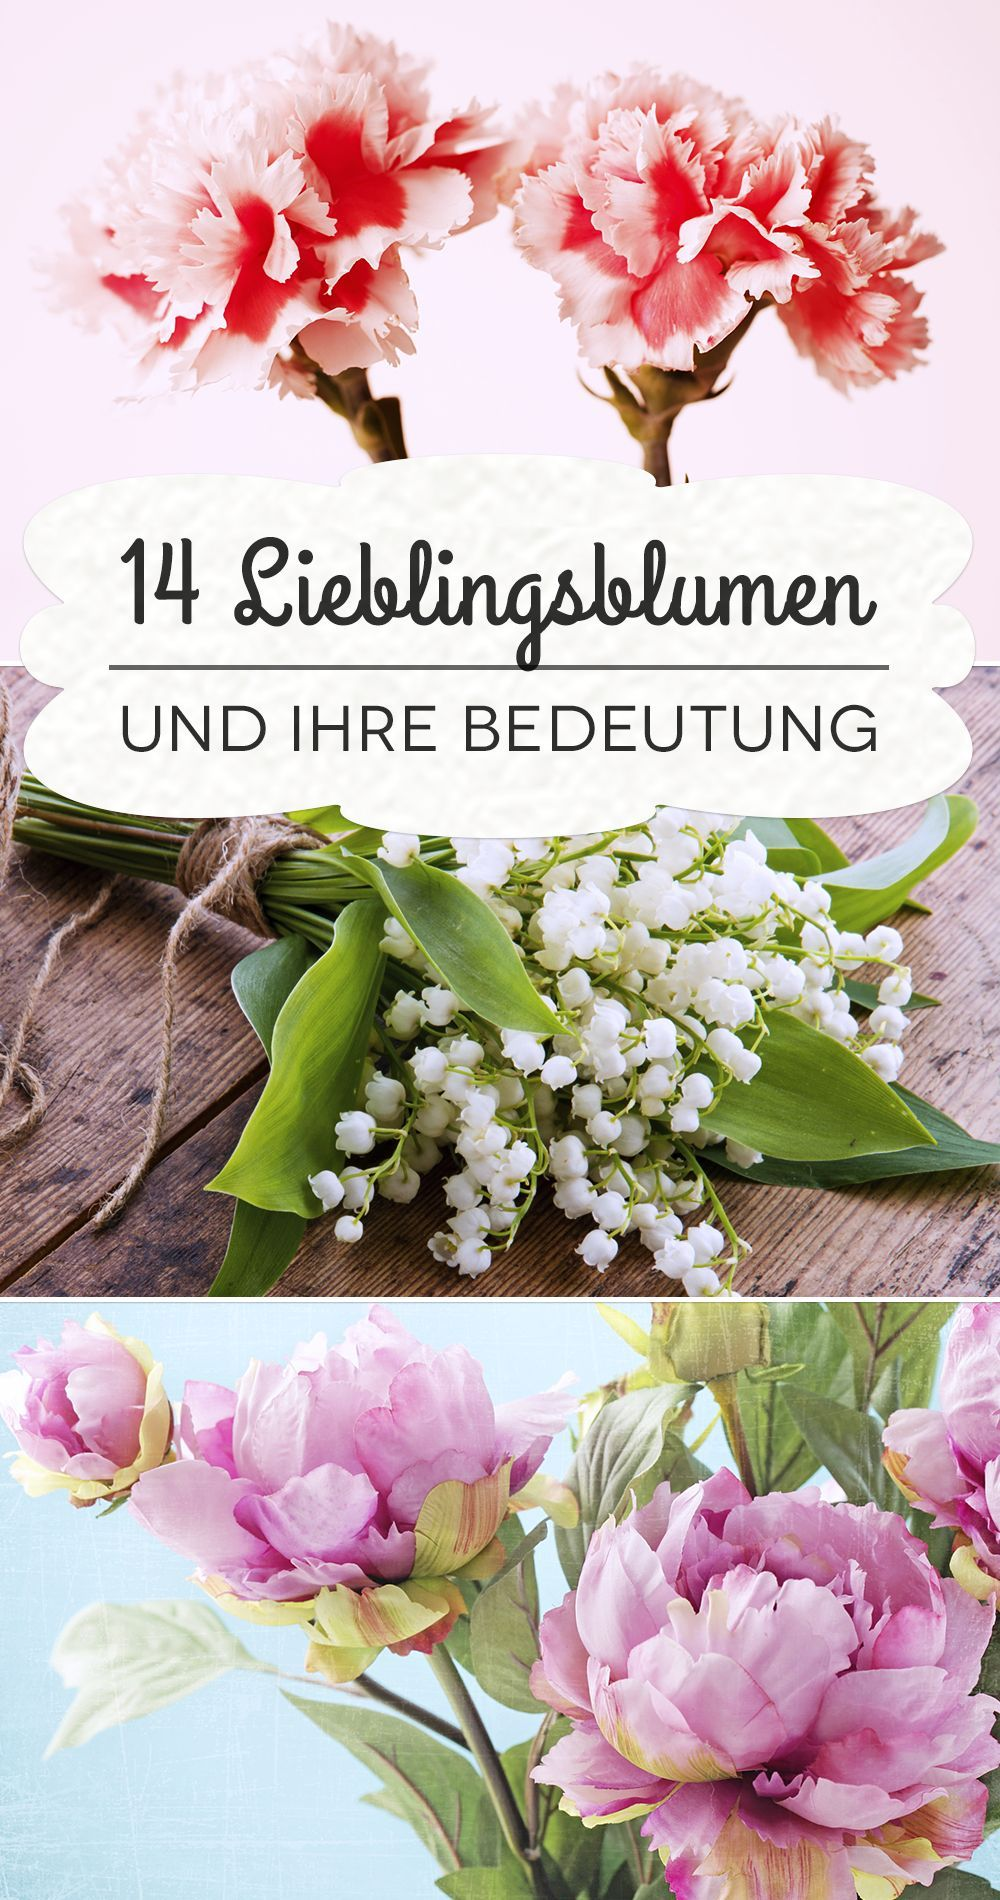 Sag S Durch Die Blume Die Bedeutung Von Nelken Rosen Co Blumen Fur Garten Nelken Blumen Nelke Hochzeit